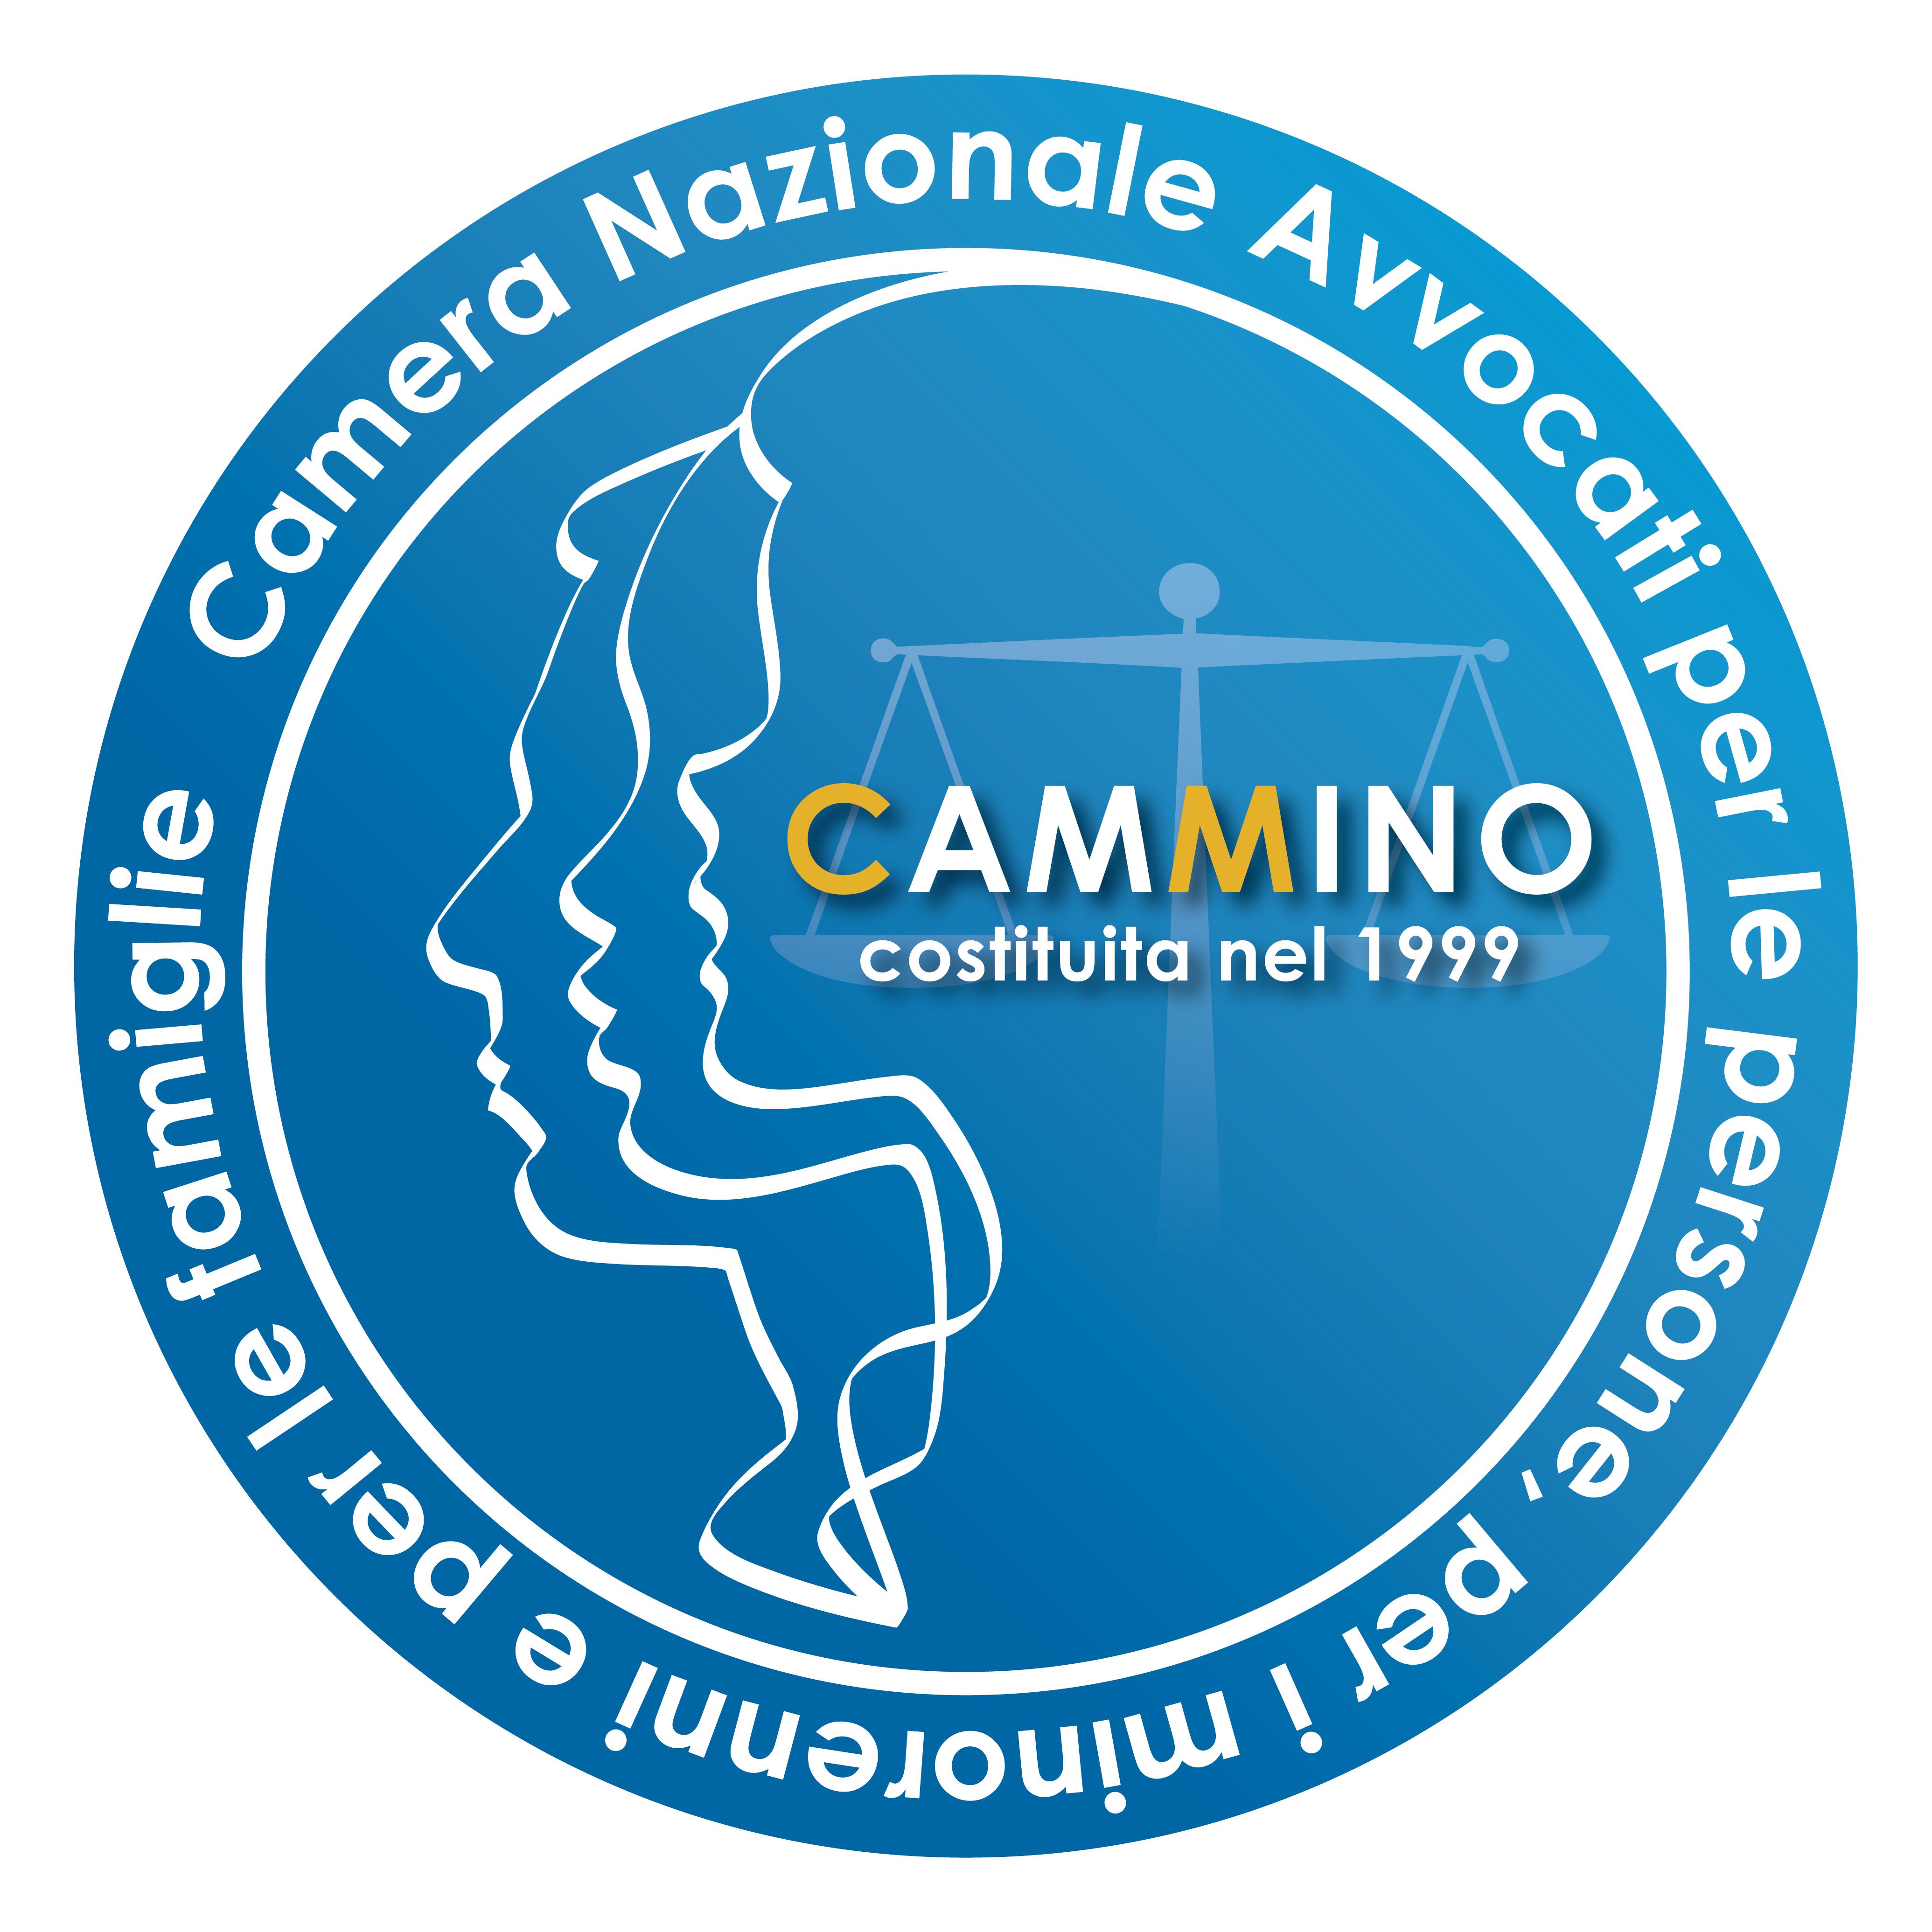 Il CNF assume la presidenza dell'Osservatorio Internazionale degli Avvocati in pericolo. Parigi, 29 aprile 2021